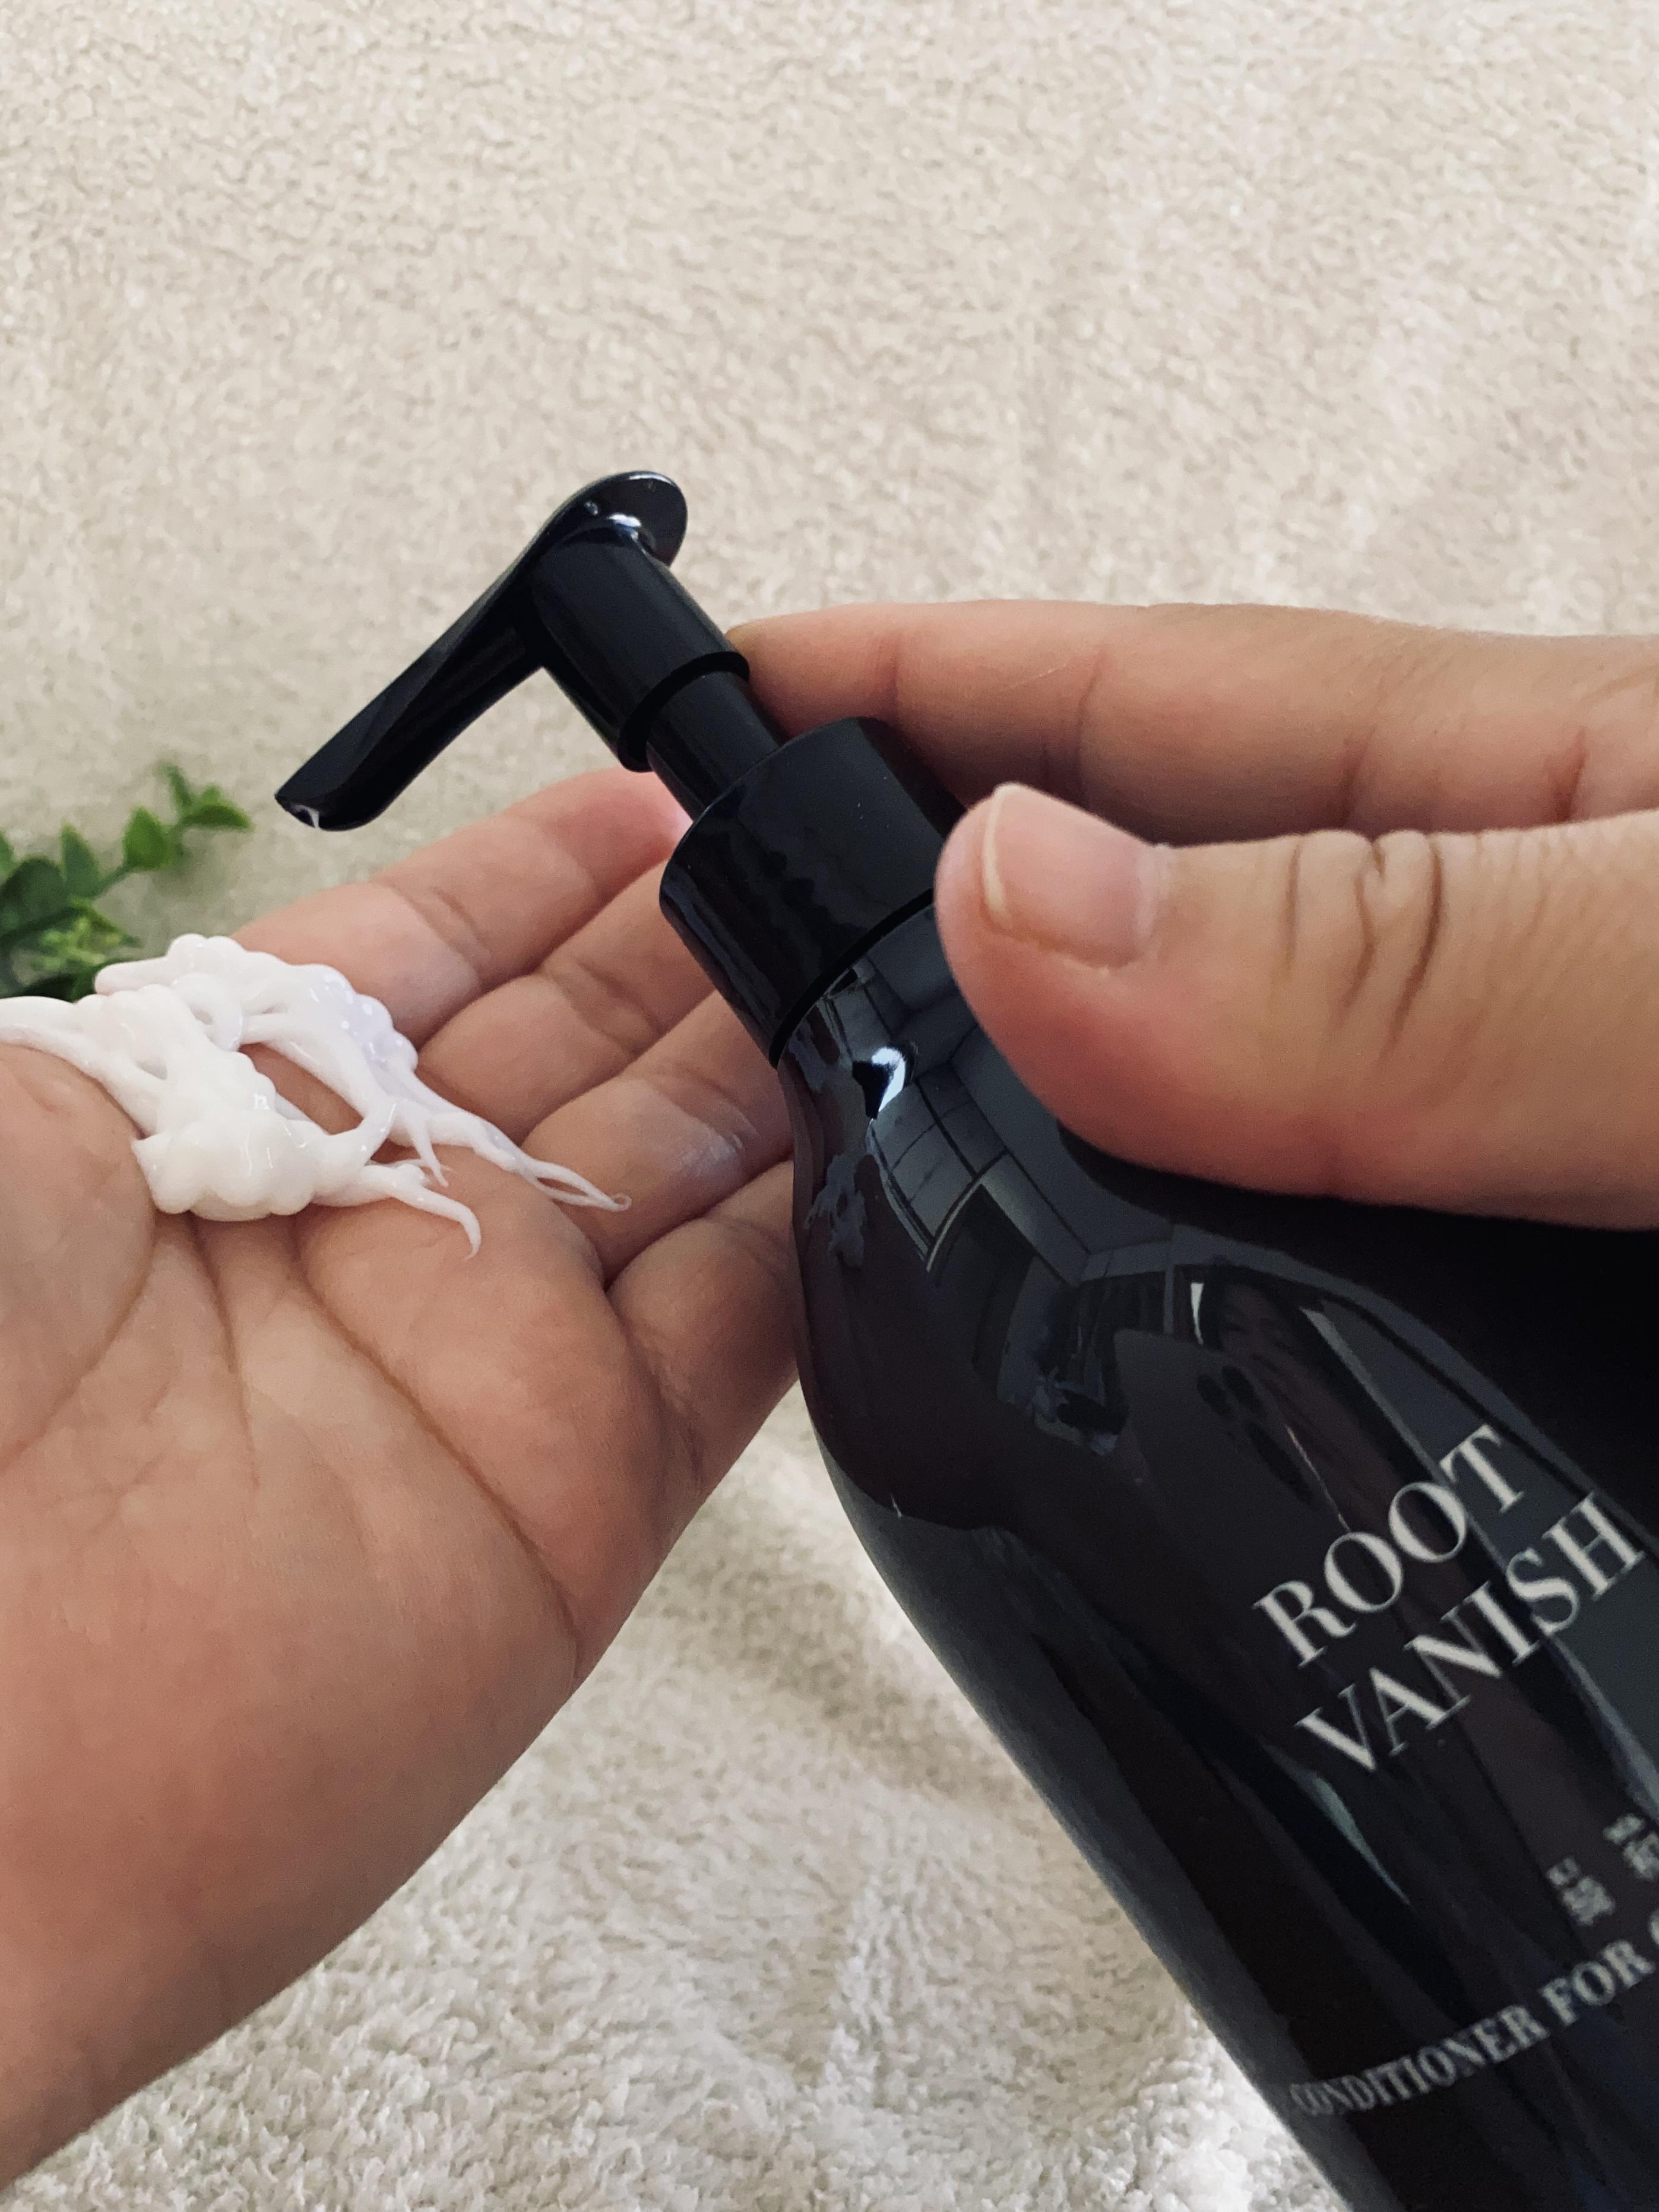 綺和美(KIWABI) カラーリングダメージヘア用コンディショナーの良い点・メリットに関するマイピコブーさんの口コミ画像2